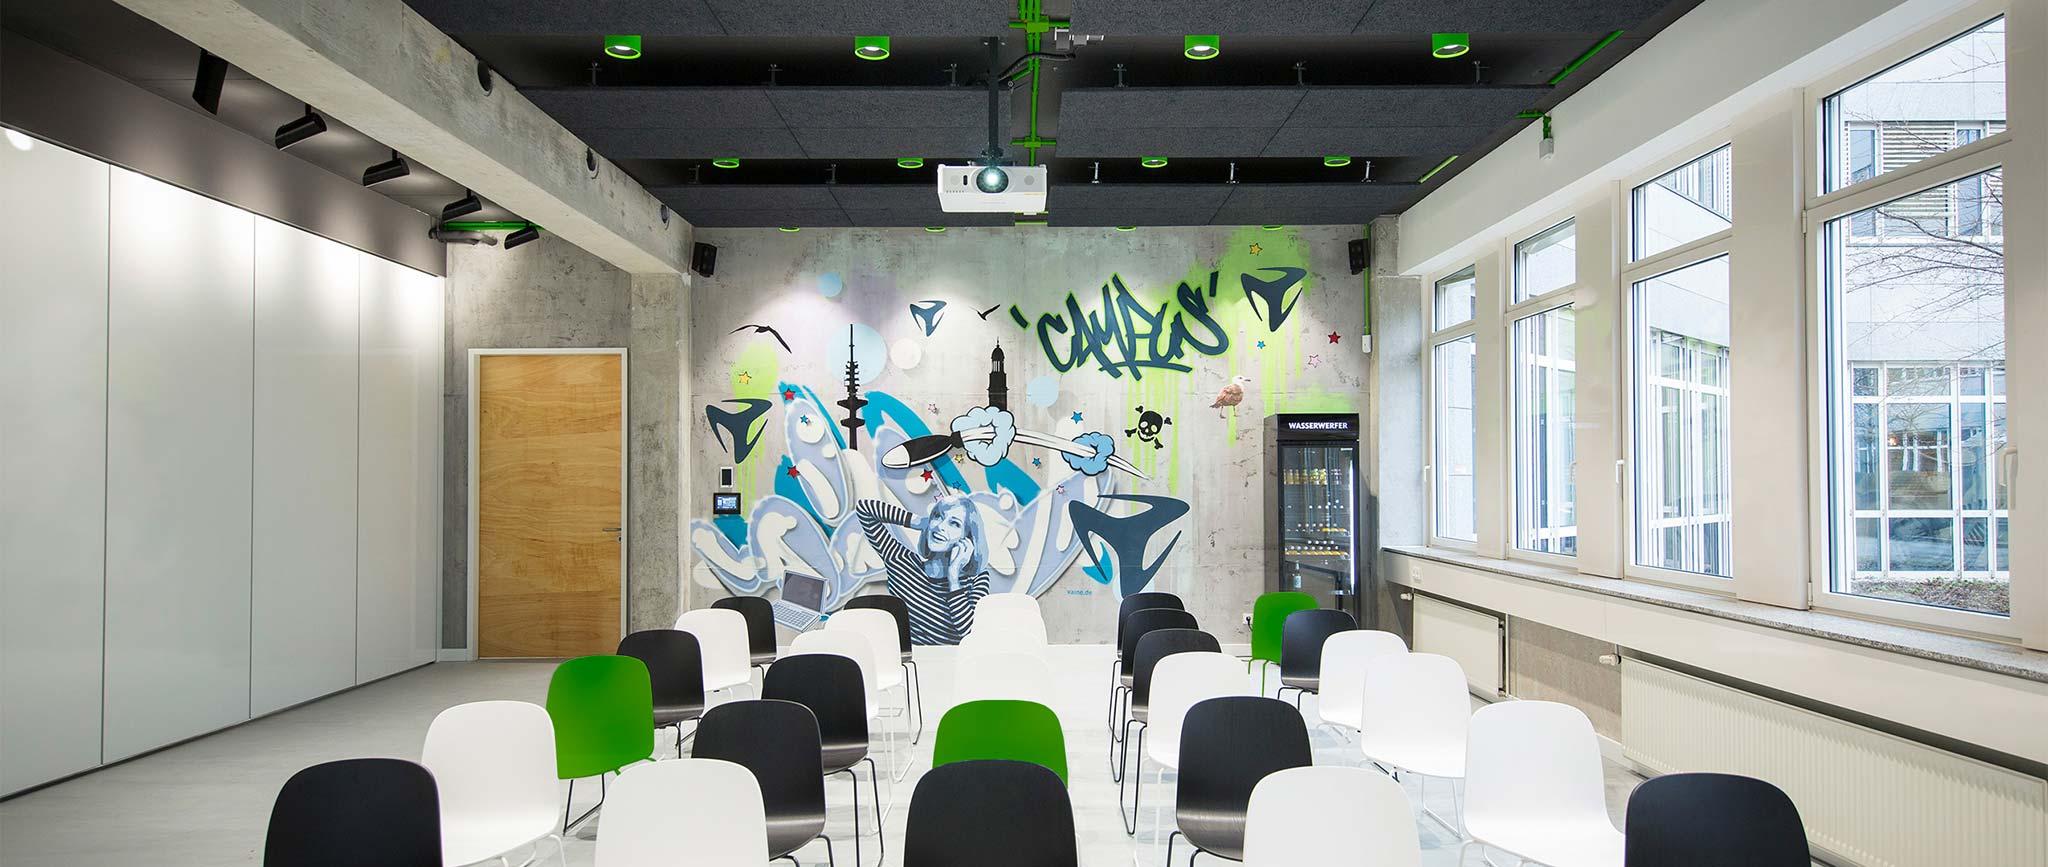 freenet Group im Campus Hamburg: Konferenzraum Design von der Agentur Preussisch Portugal